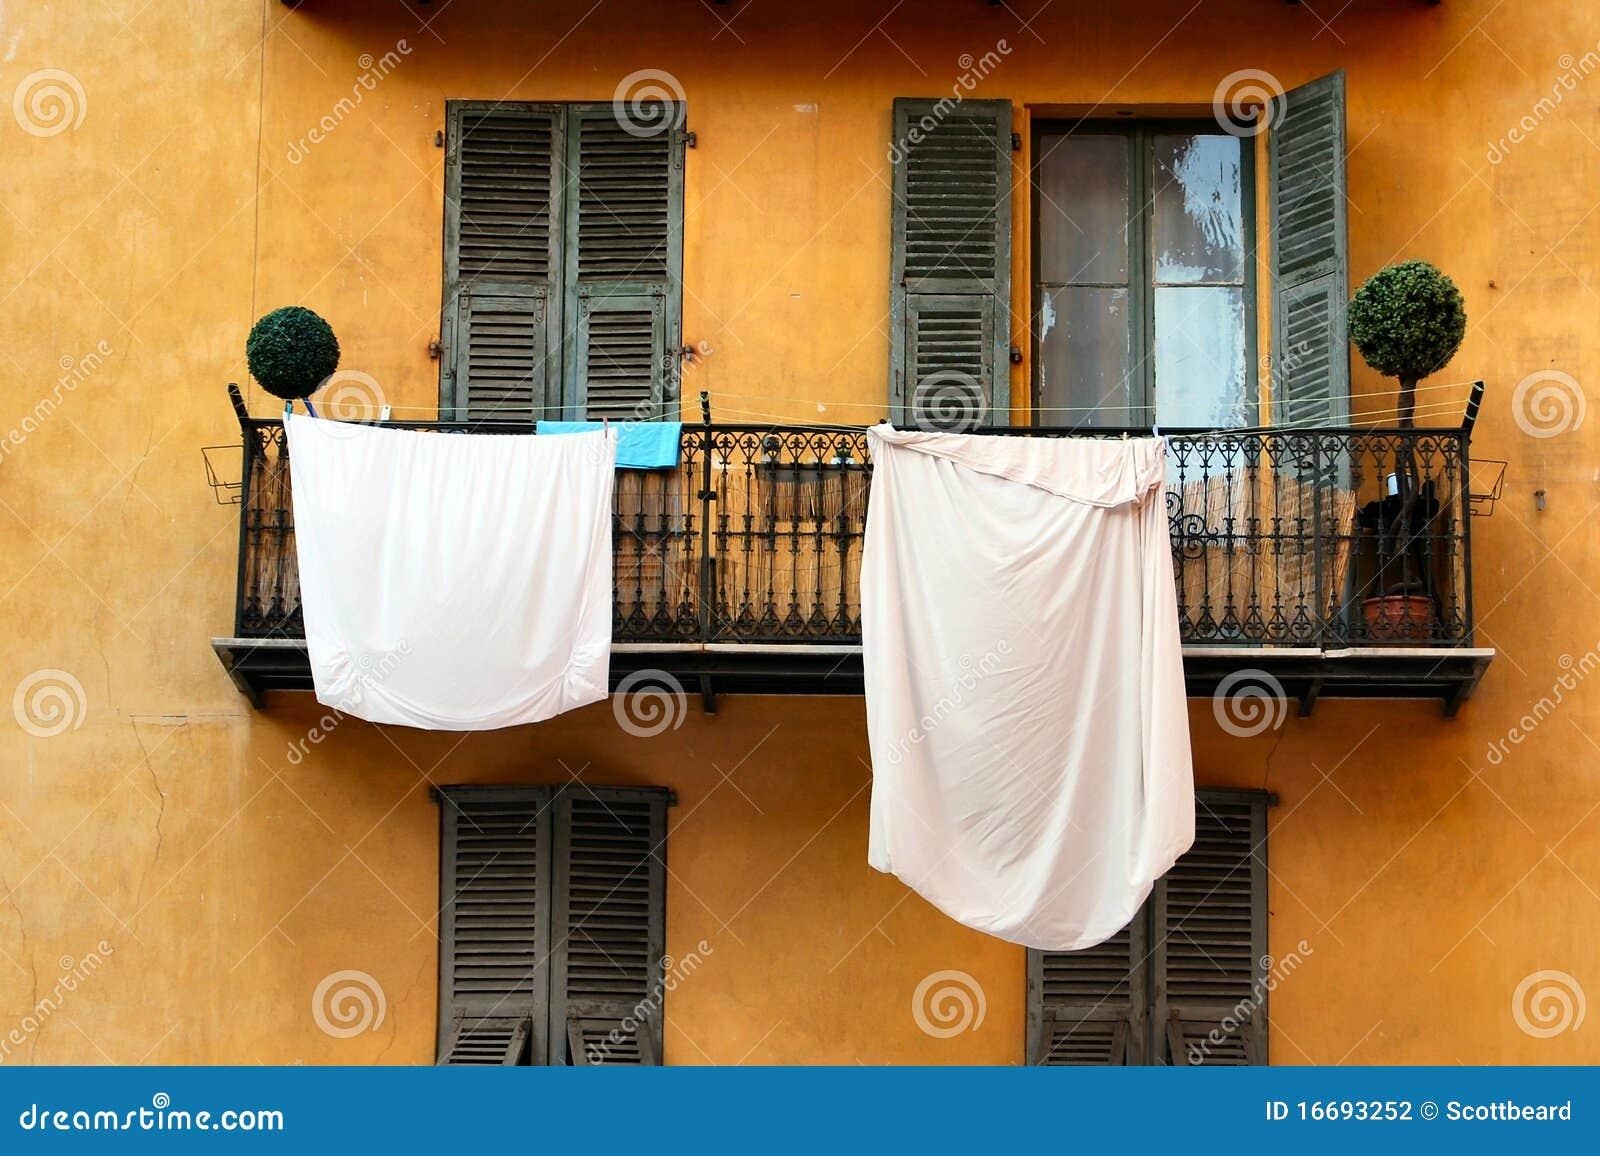 White sheets washing hanging on balcony stock photography image 16693252 - Wash white sheets keep fresh ...